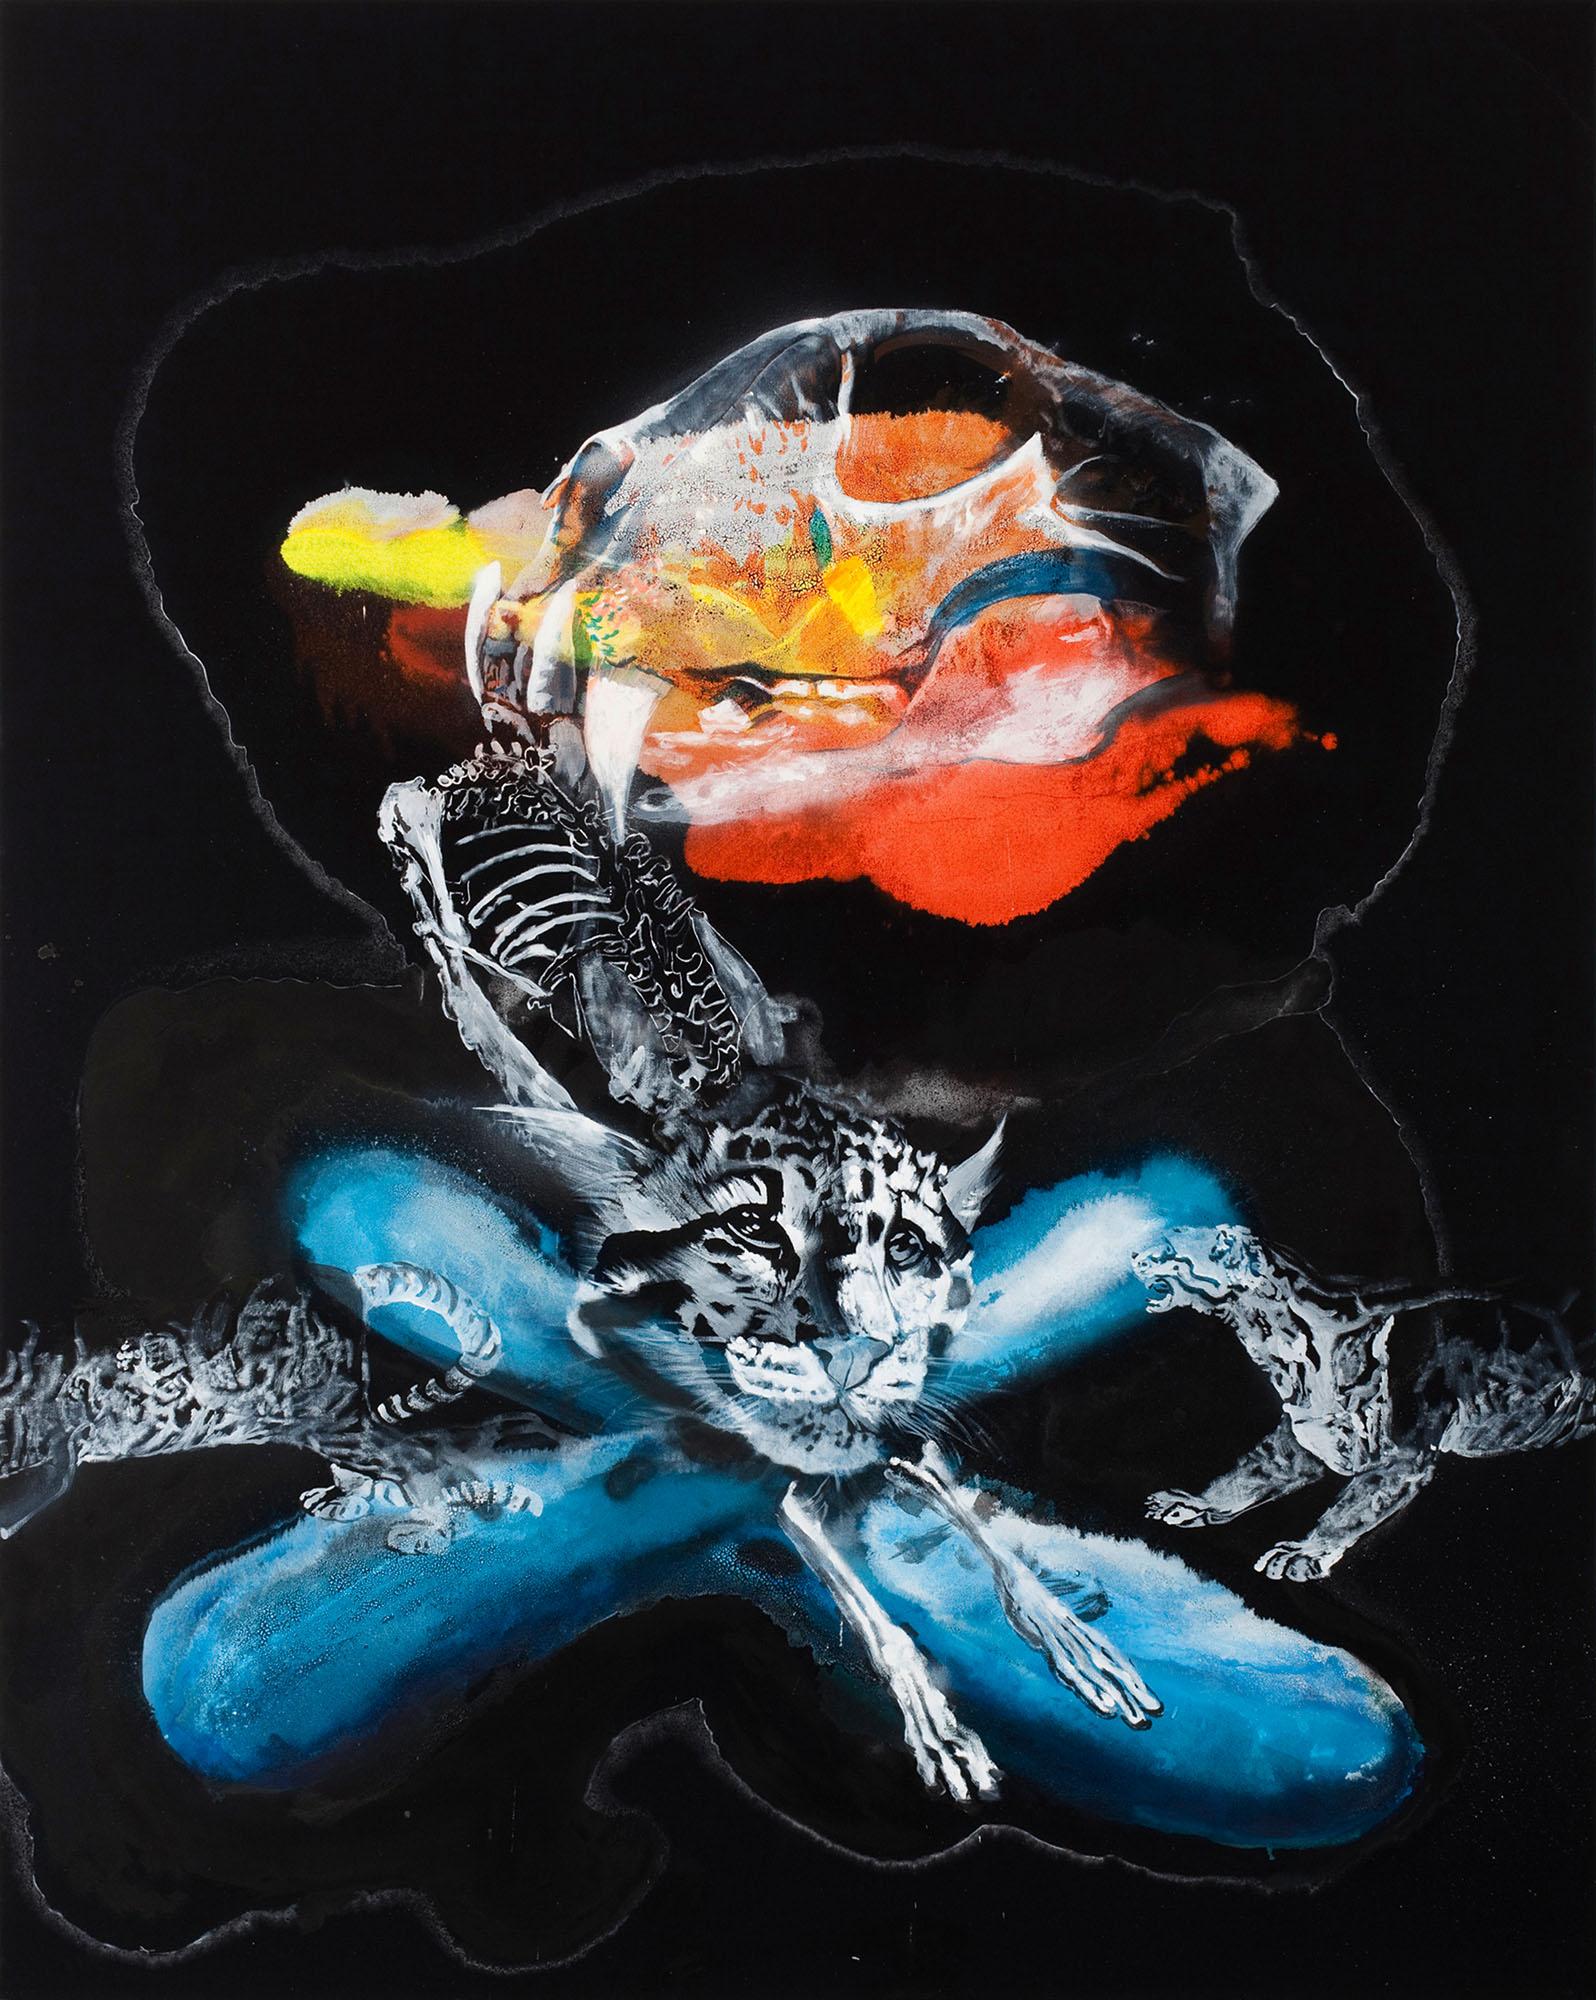 """o.T. aus """"Krähen Kommen -Titanweiß"""", 2009, 240 x 190 cm, Mischtechnik auf Leinwand"""